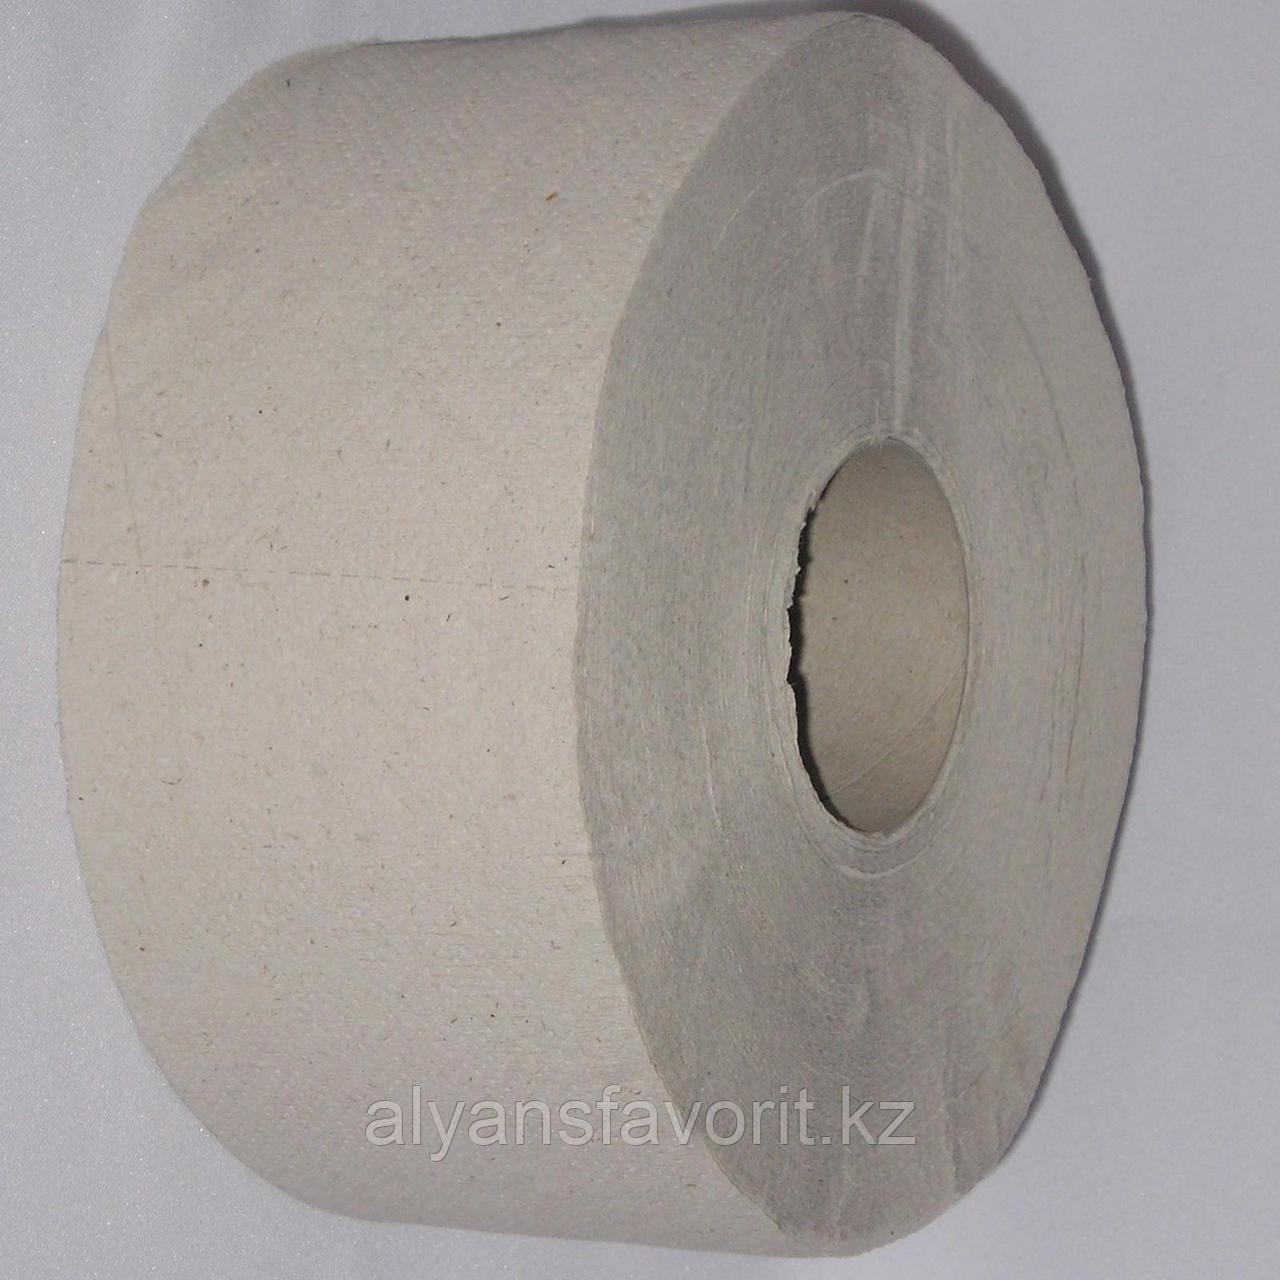 Туалетная бумага Jambo 150 м, однослойная 12 рул. в упаковке.